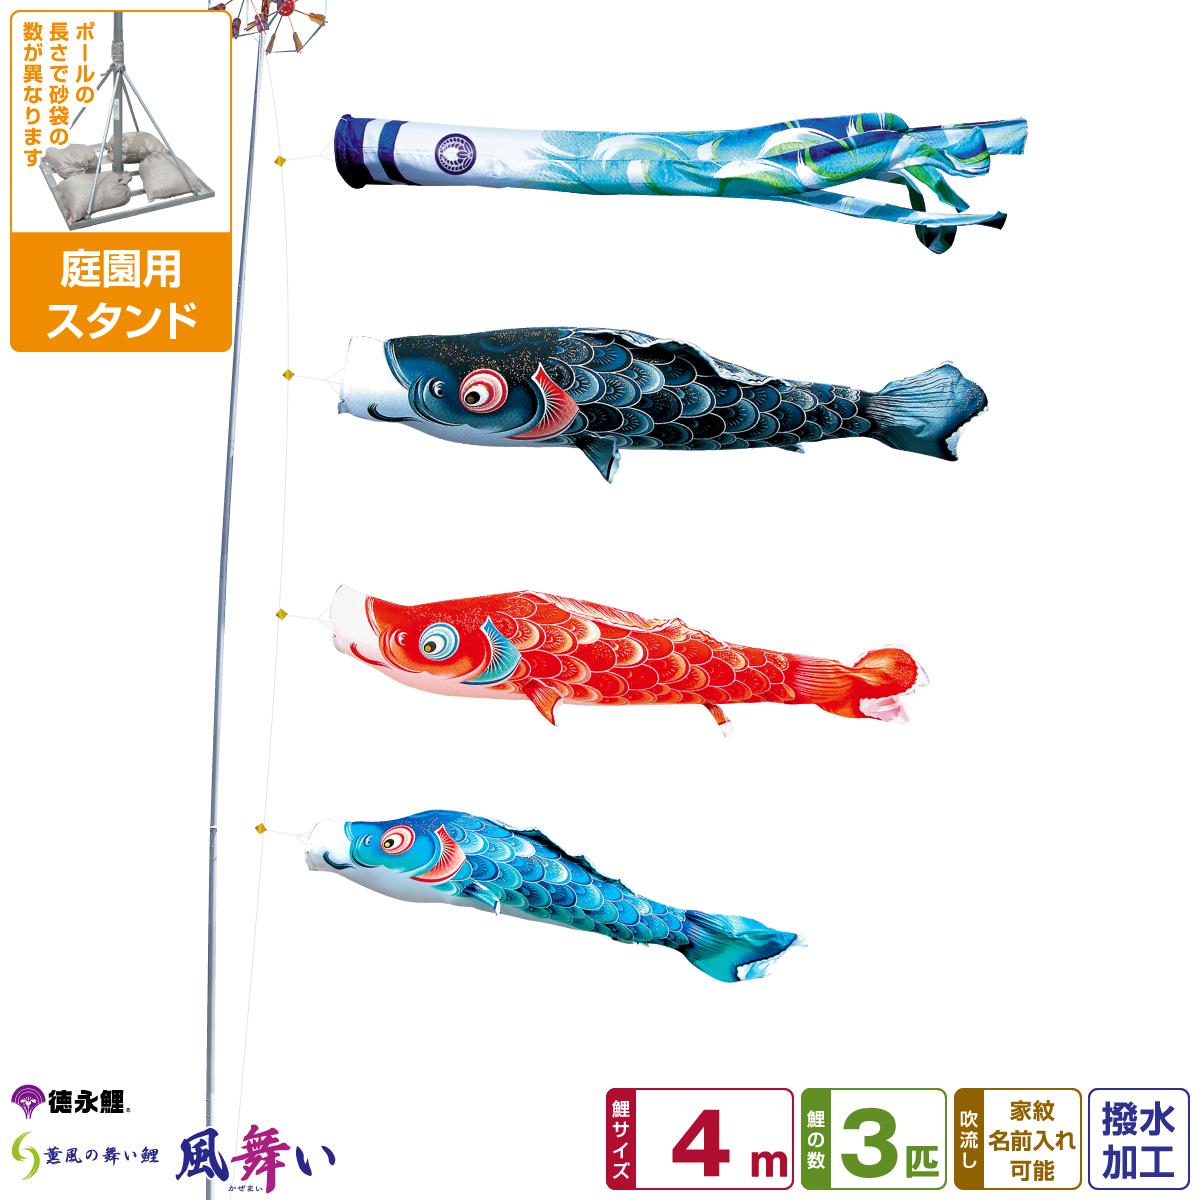 徳永鯉のぼり 風舞い鯉 4m 6点セット 庭園用スタンドセット 2019年初節句 端午の節句 こどもの日 こいのぼり